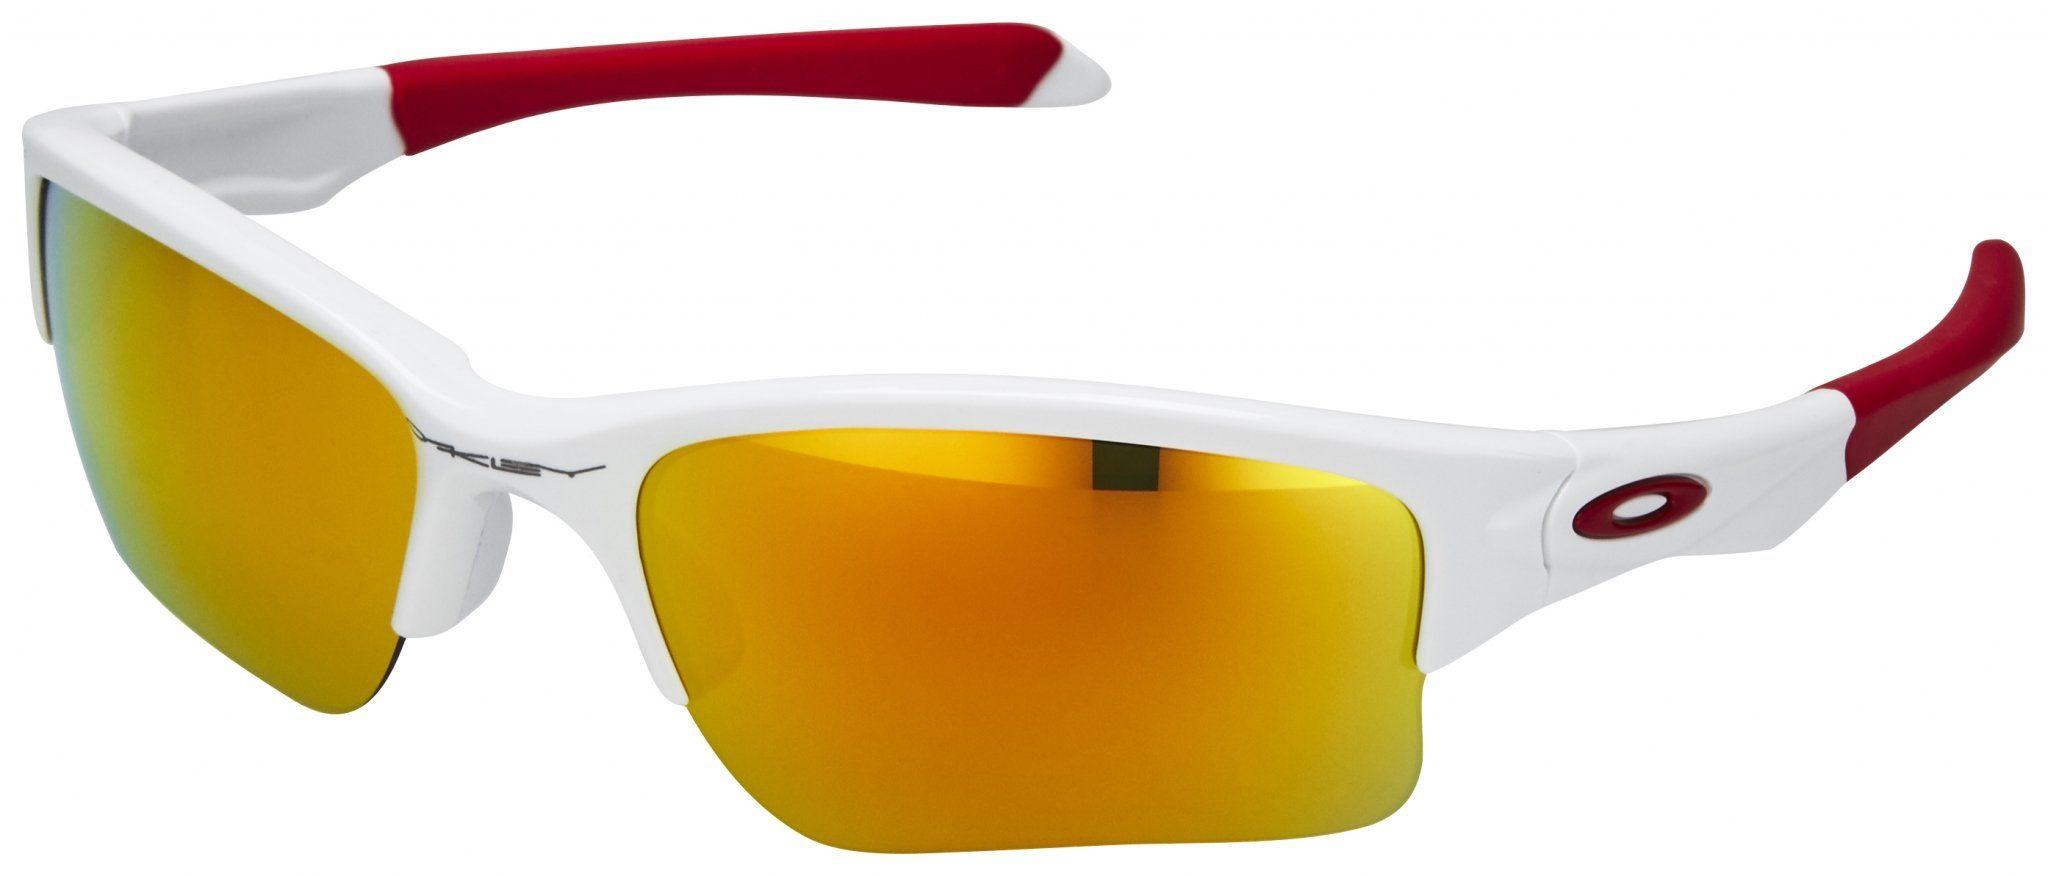 Oakley Radsportbrille »Quarter Jacket«